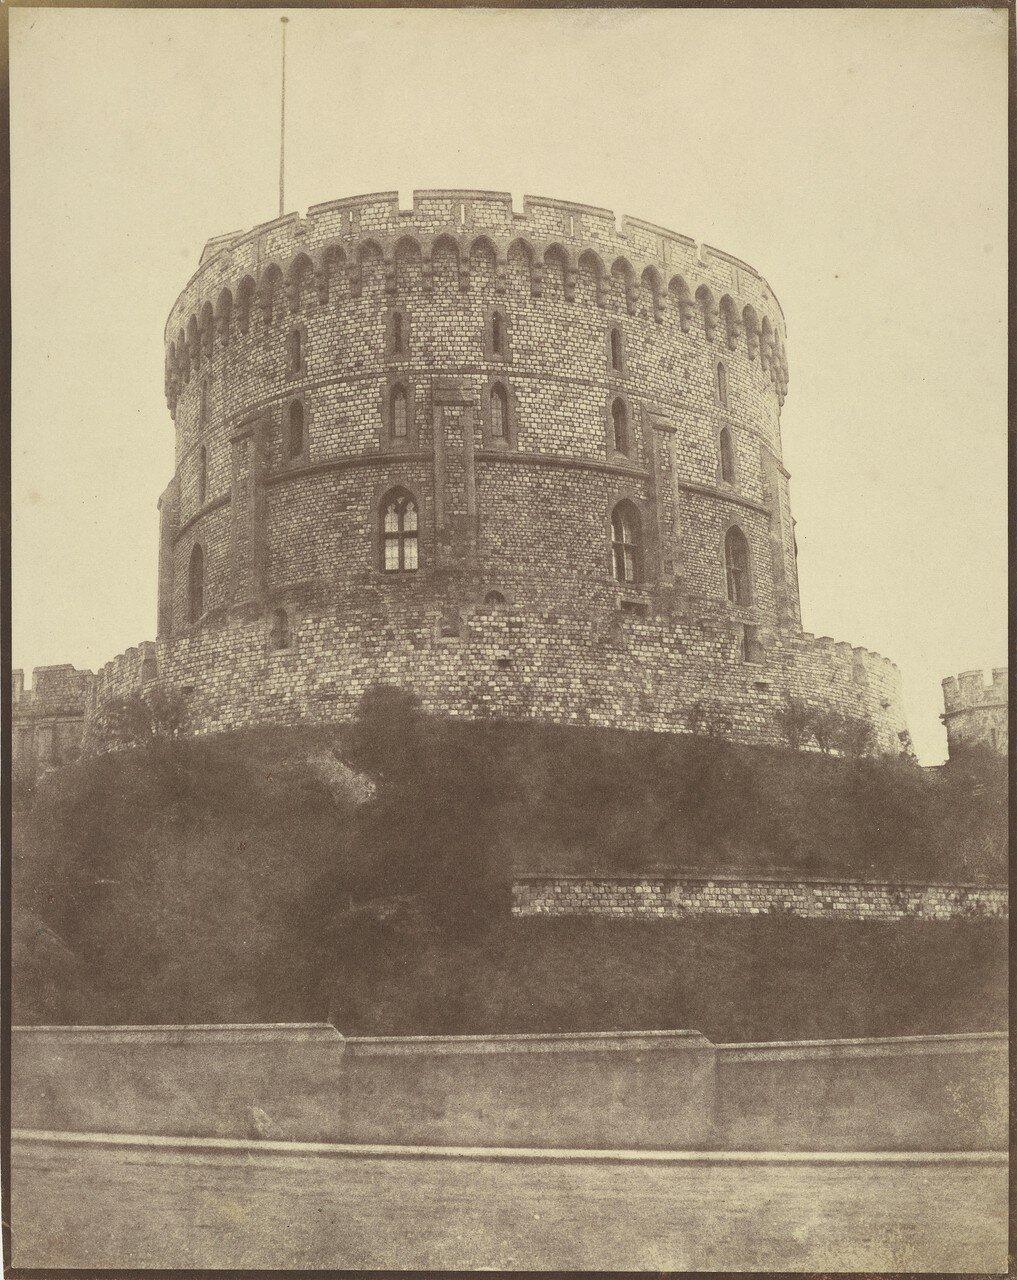 Виндзор, Англия. Круглая башня, Виндзорский замок